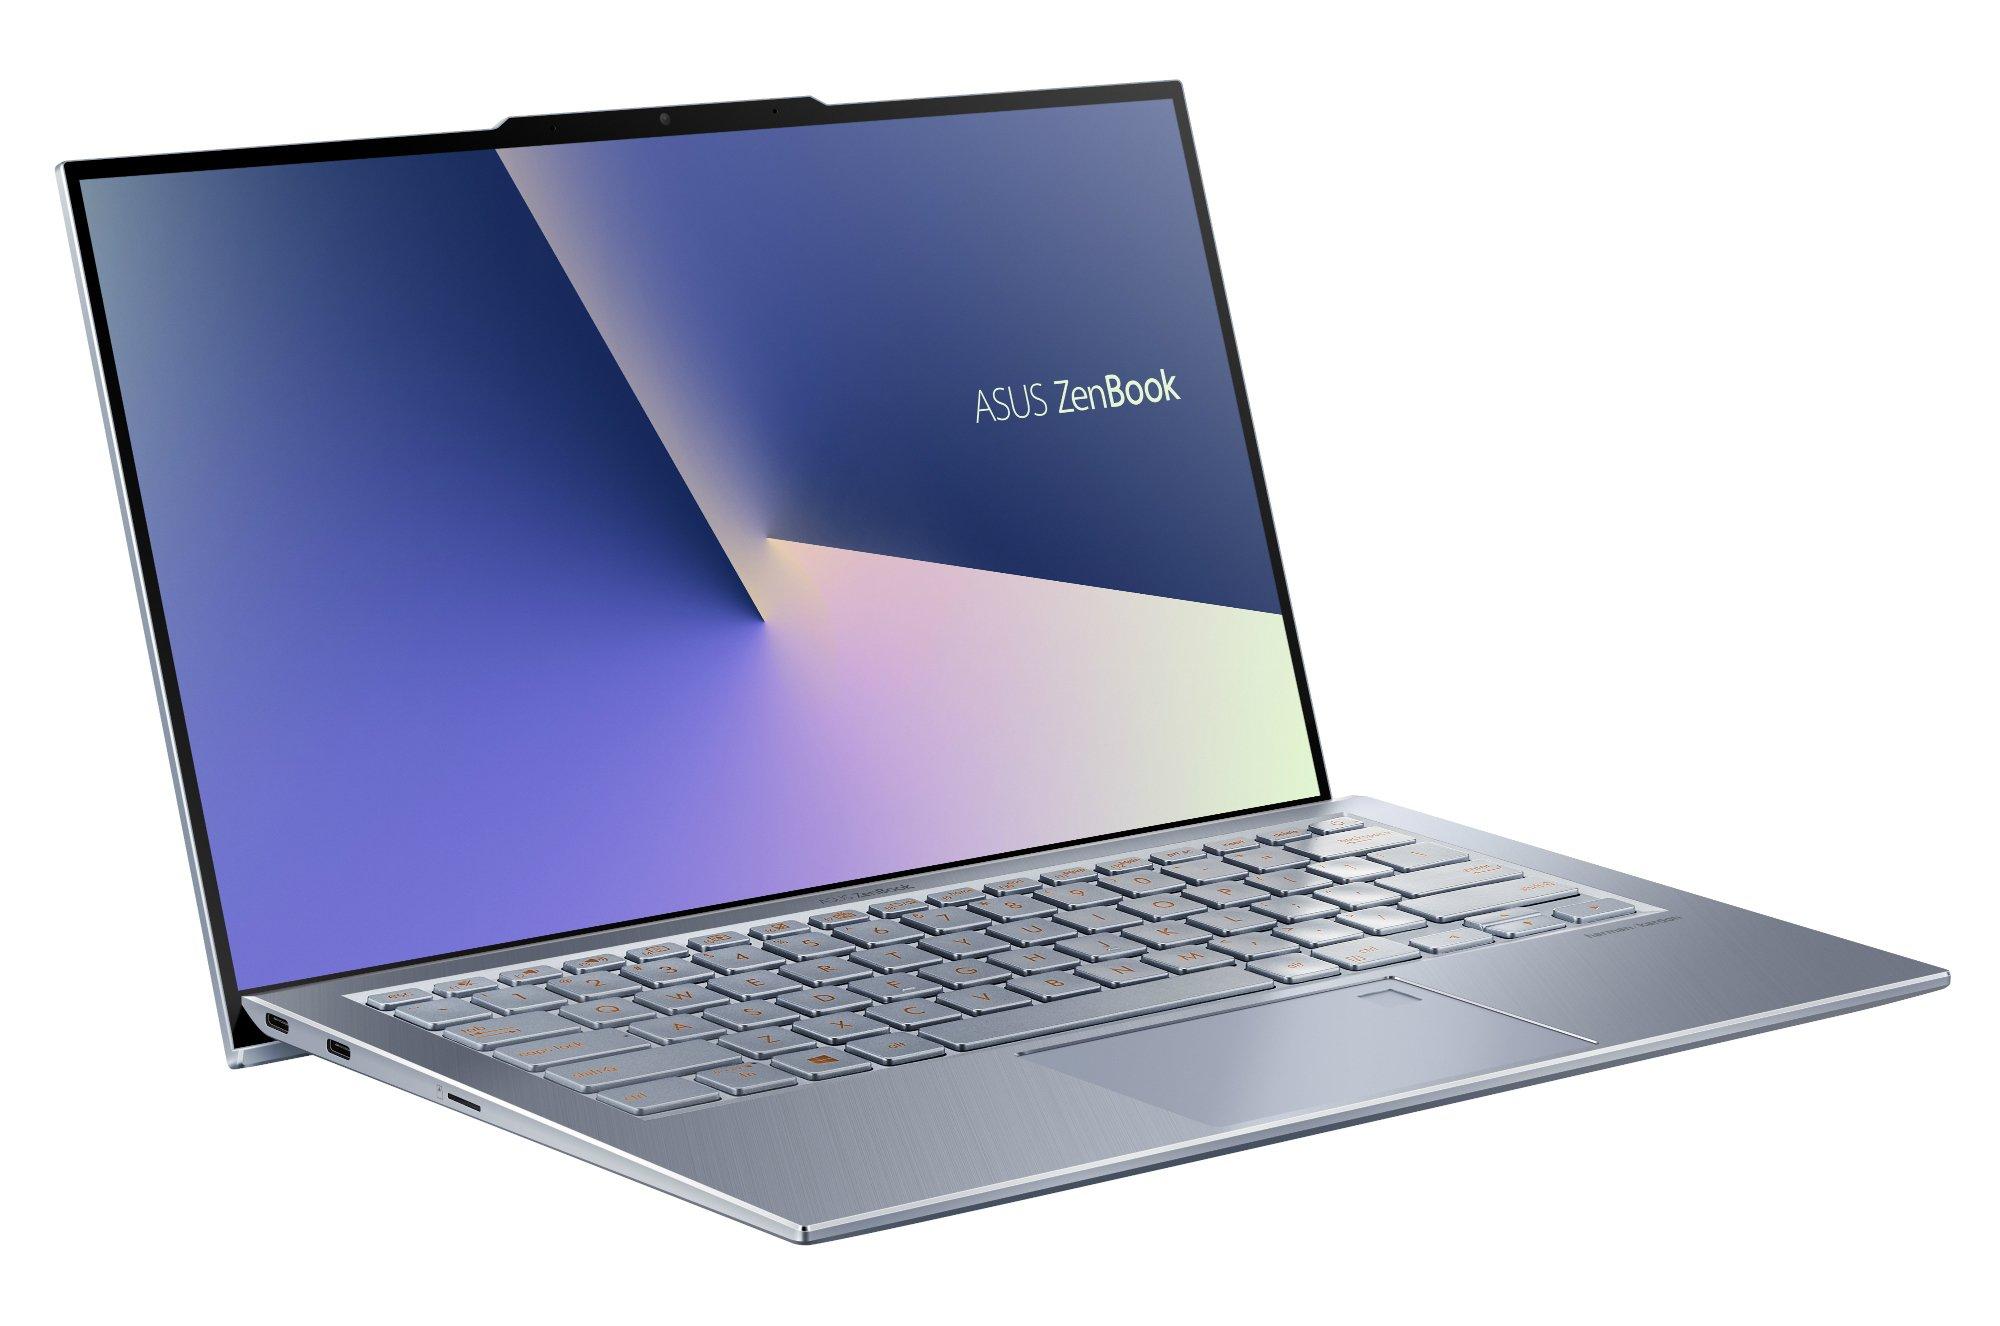 """Das ASUS ZenBook S13 in seiner vollen Pracht: besonders das 13,9"""" Display mit seinen dünnen Displayrändern sticht hervor!"""